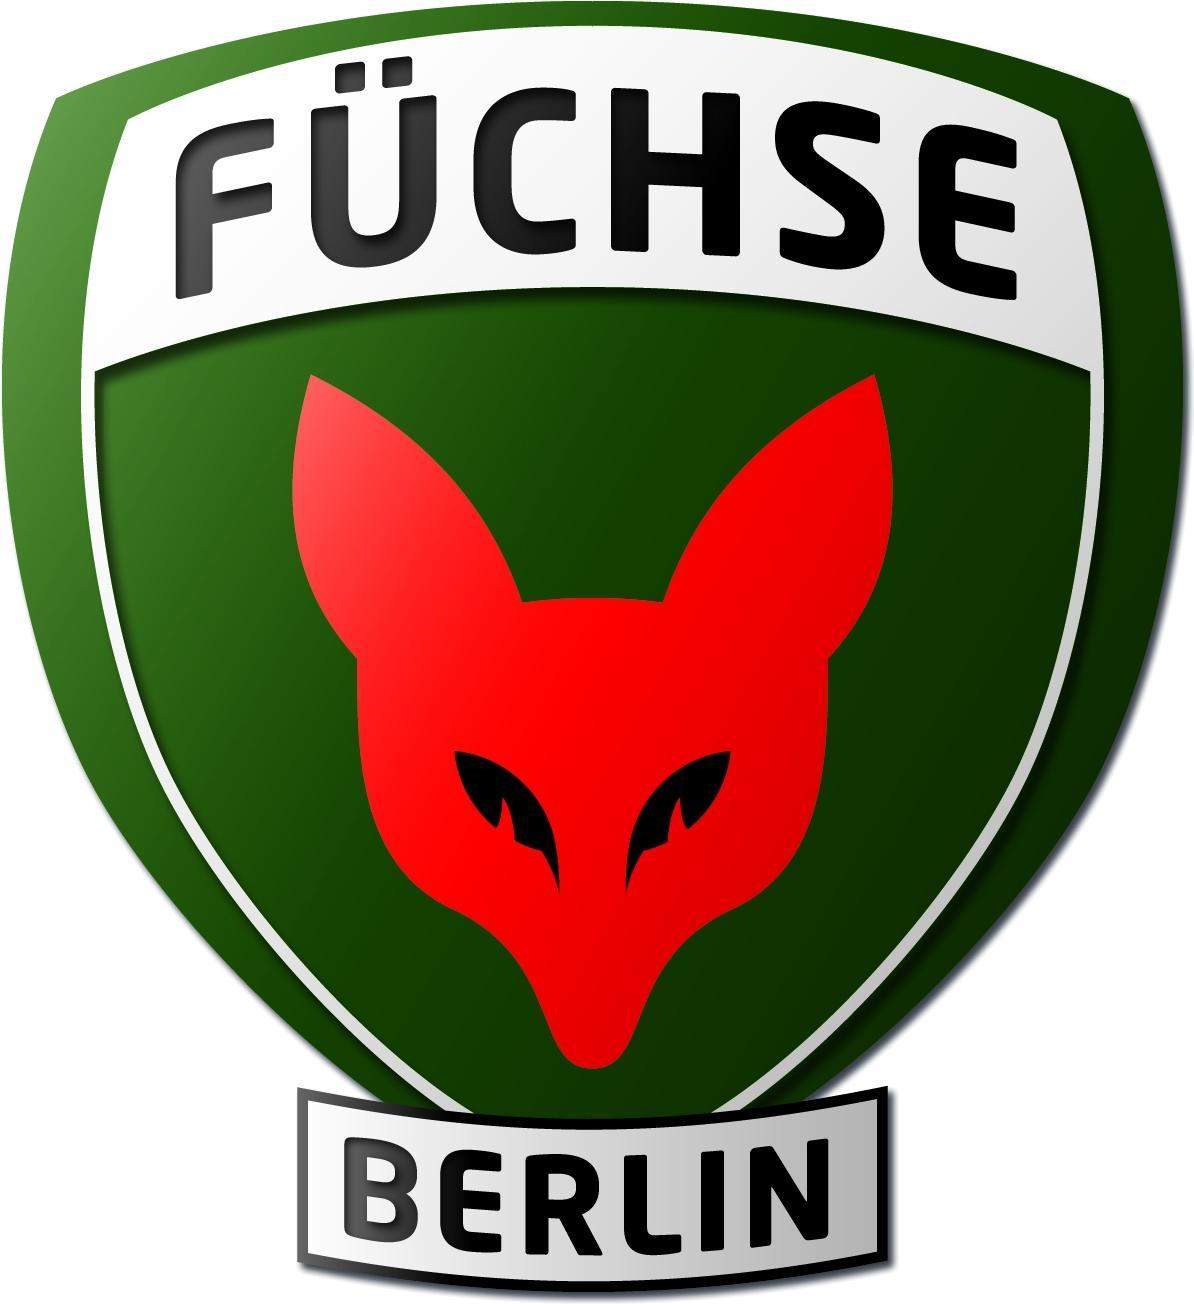 Karower Dachse, Berlin-Karow, Sponsoren und Partner, Füchse_Berlin_Reinickendorf_Logo